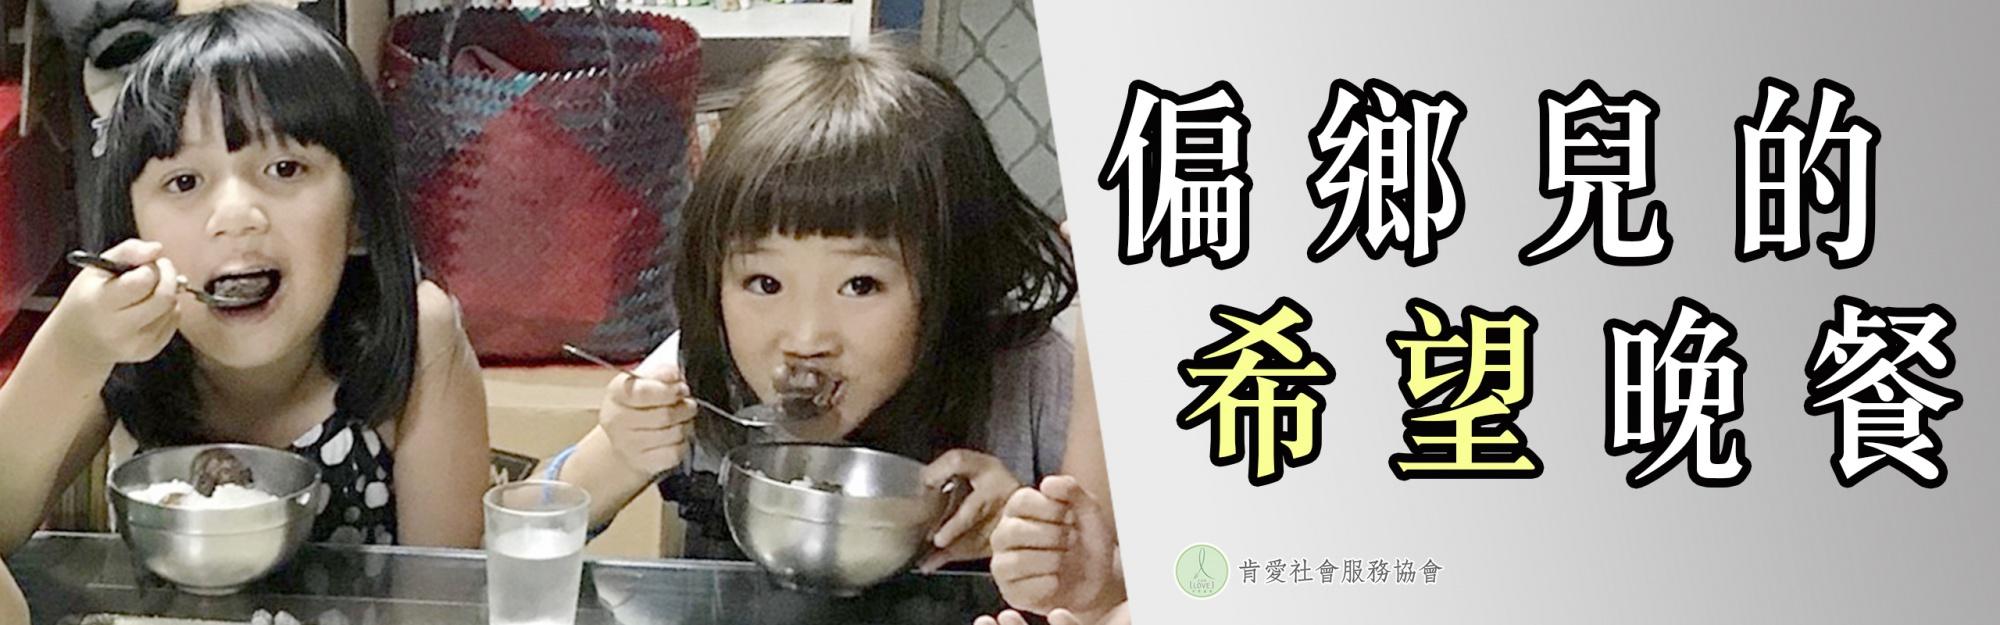 待用餐2020_新官網大BN.jpg